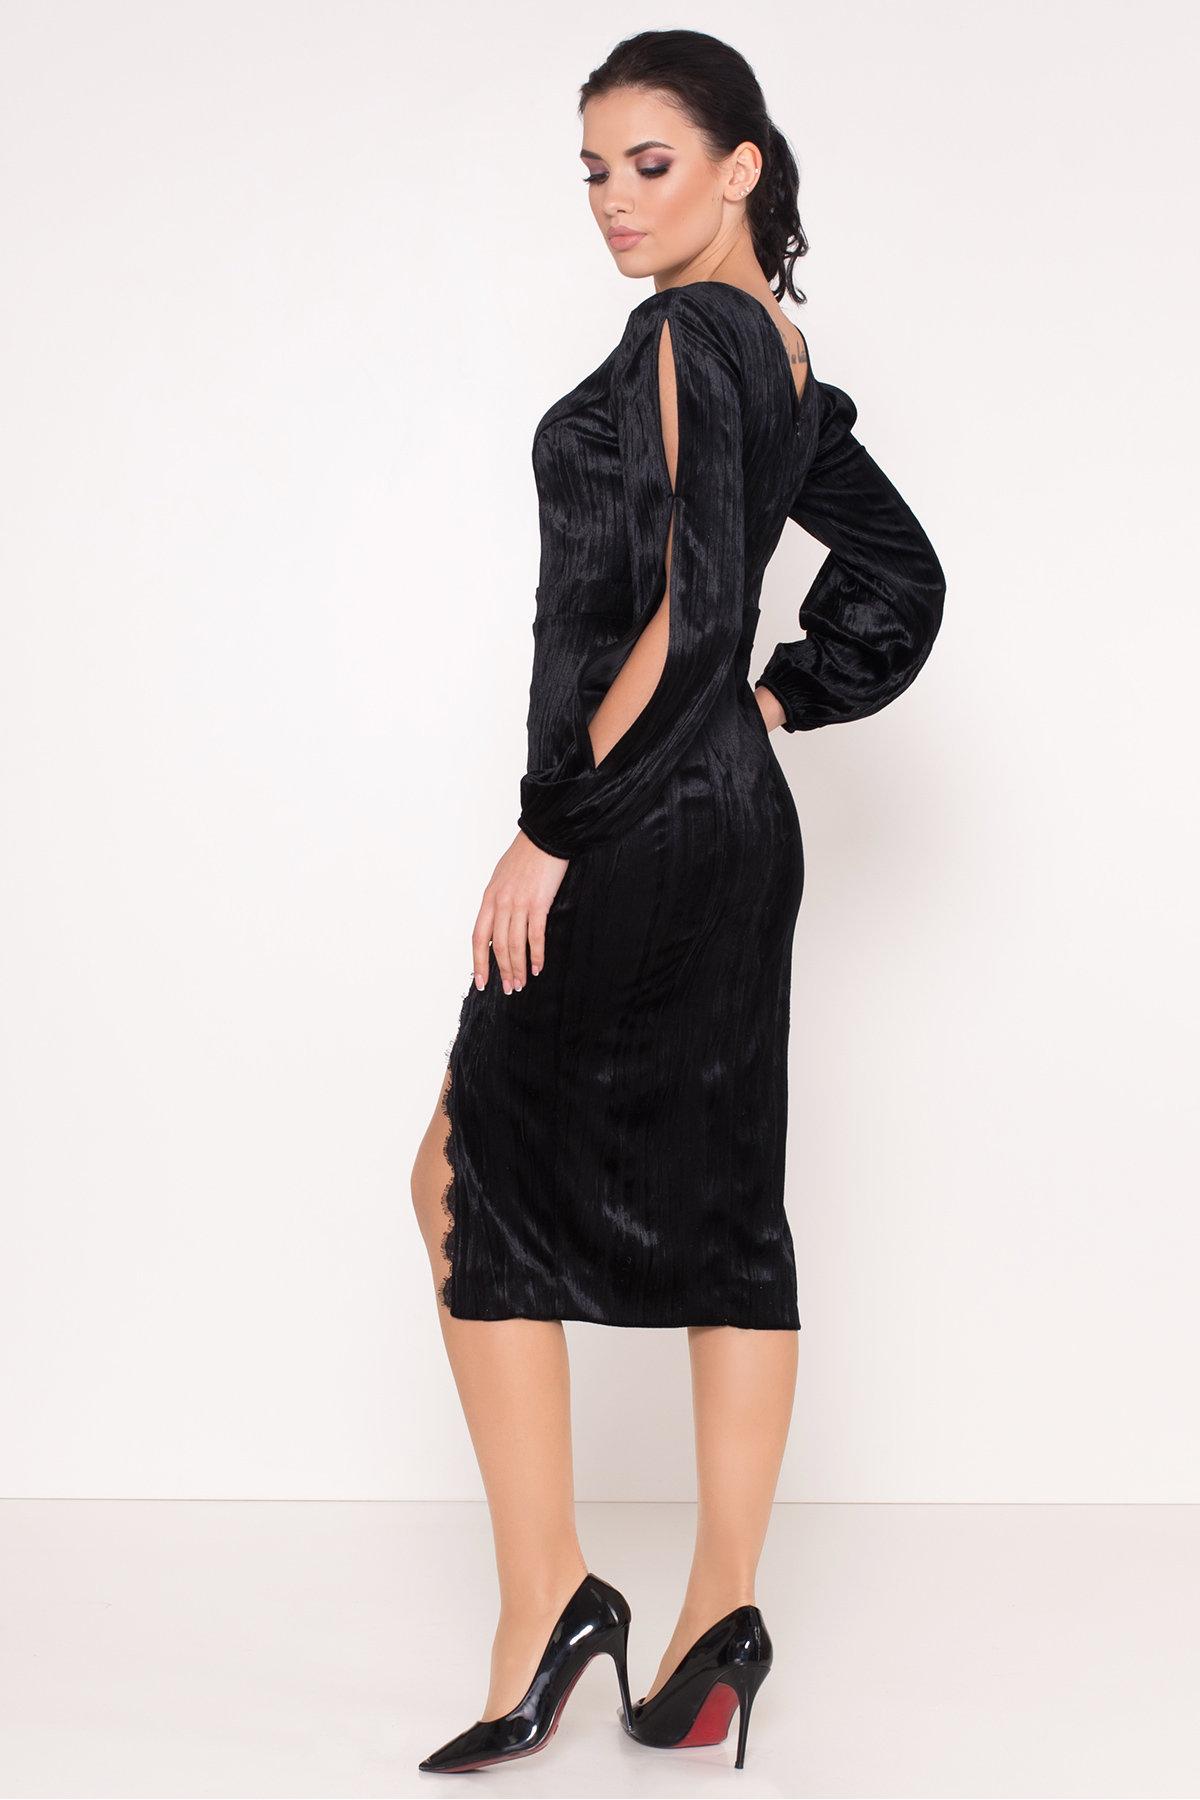 Велюровое платье-миди длины Блек 8652 АРТ. 44974 Цвет: Черный - фото 4, интернет магазин tm-modus.ru